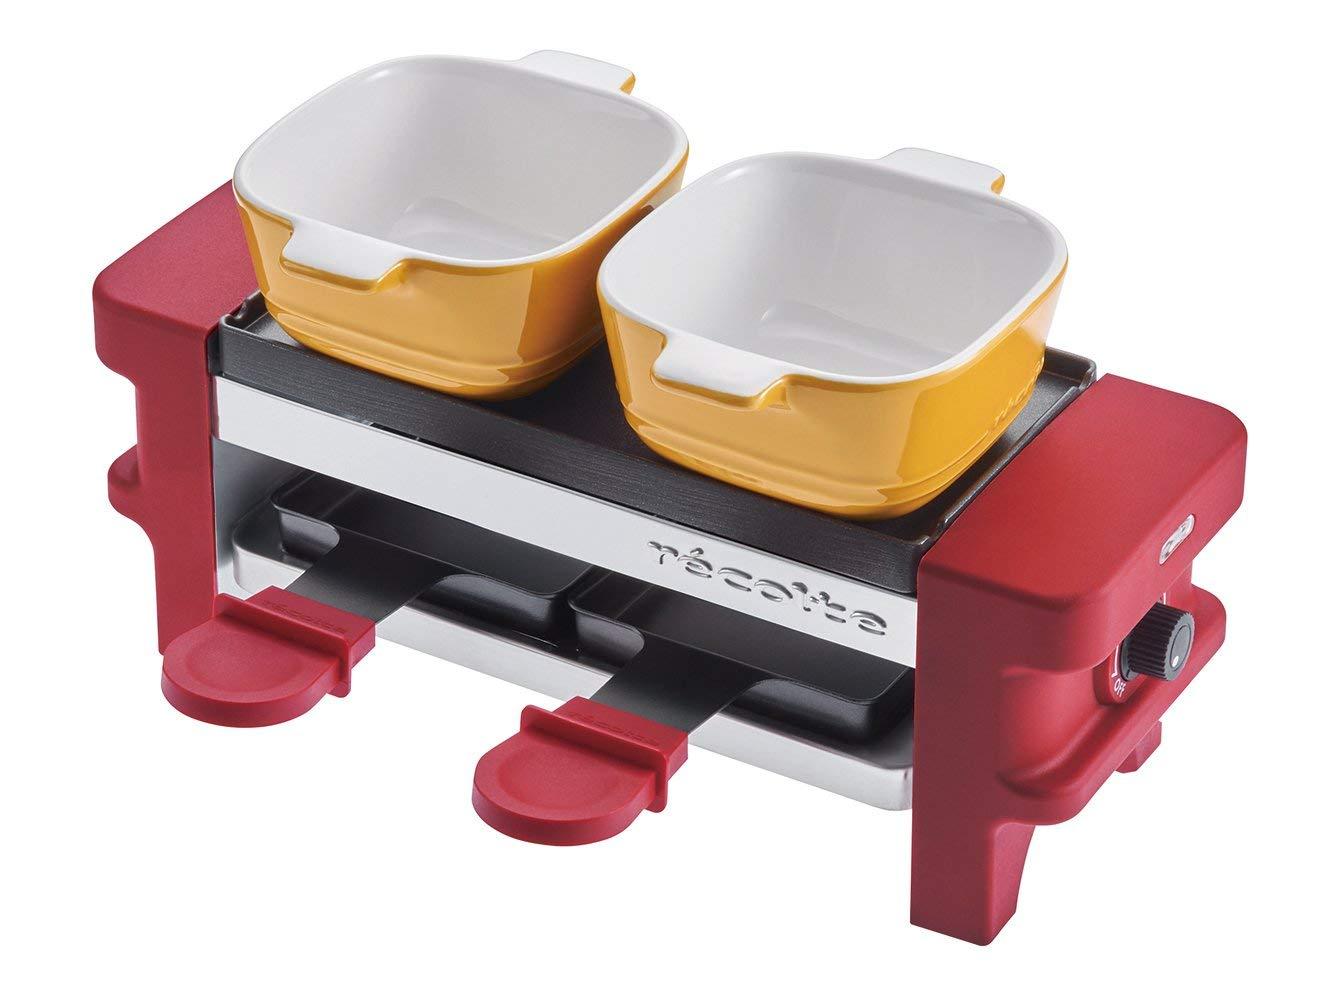 チーズフォンデュ陶磁器耐熱ココット・ミニパン付きとろ〜り溶けたチーズ無段階温度調節機能recolte レコルトラクレットフォンデュメーカーメルトRRF-1 レッド色